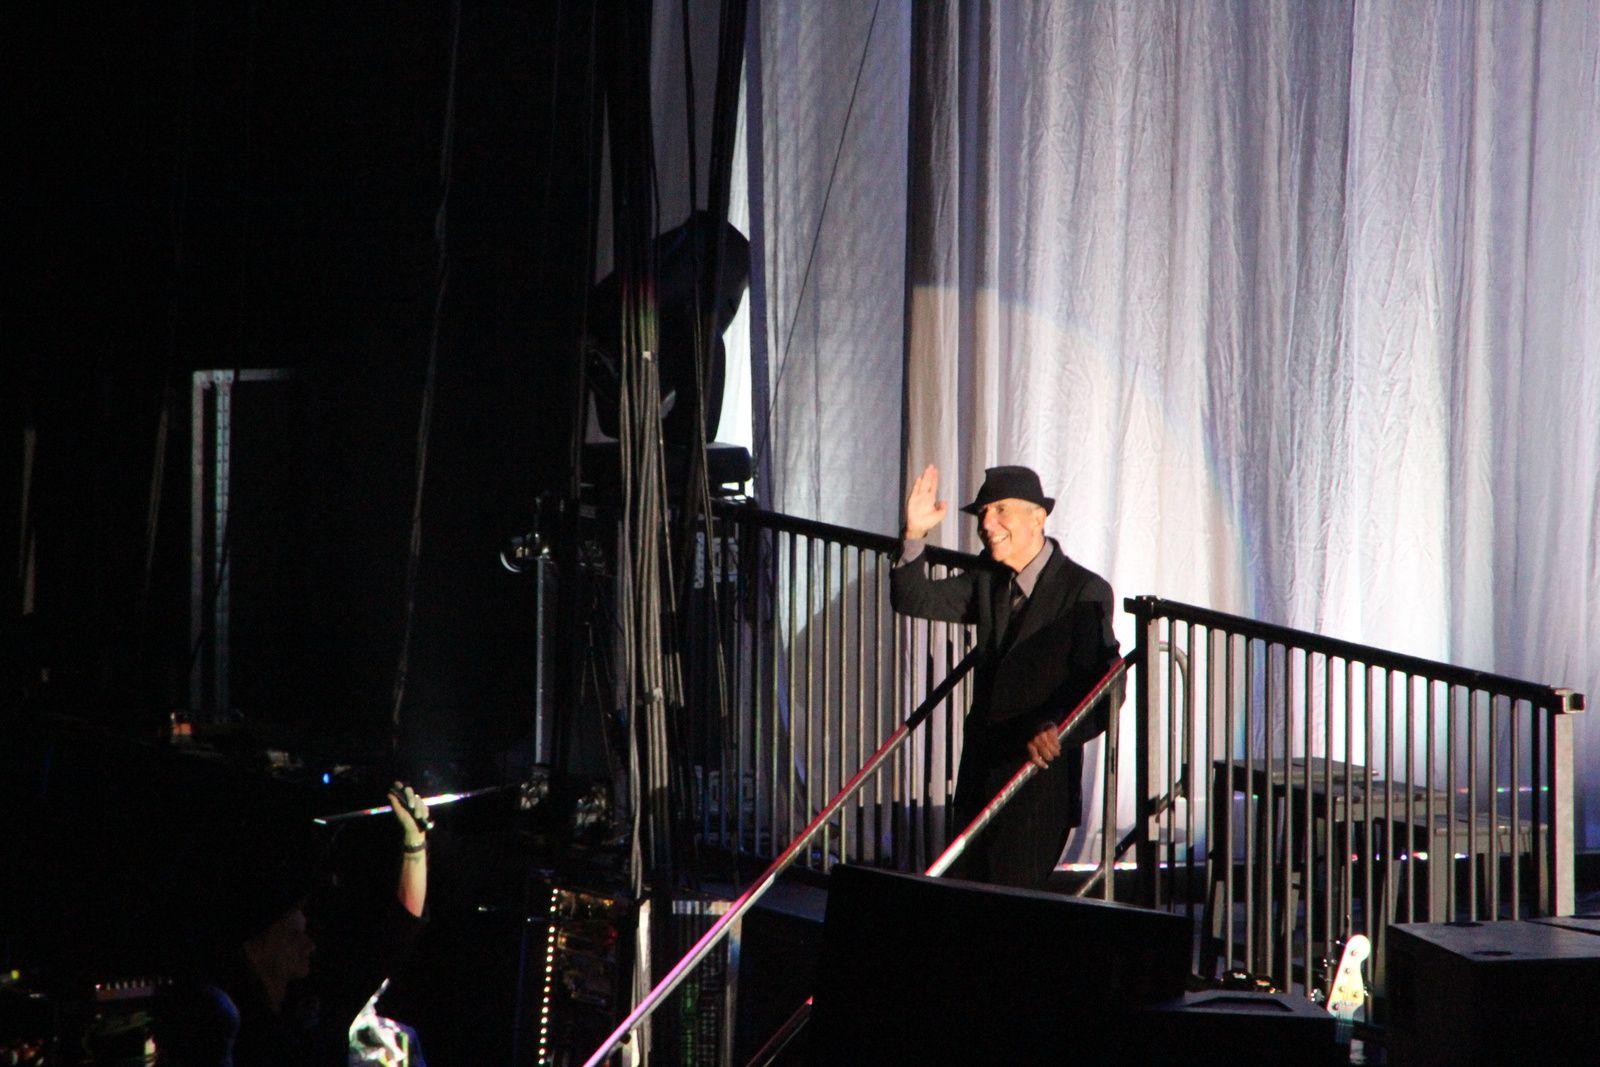 Paris-Bercy, 18 juin 2013. Unique concert de Leonard Cohen auquel j'ai assisté...